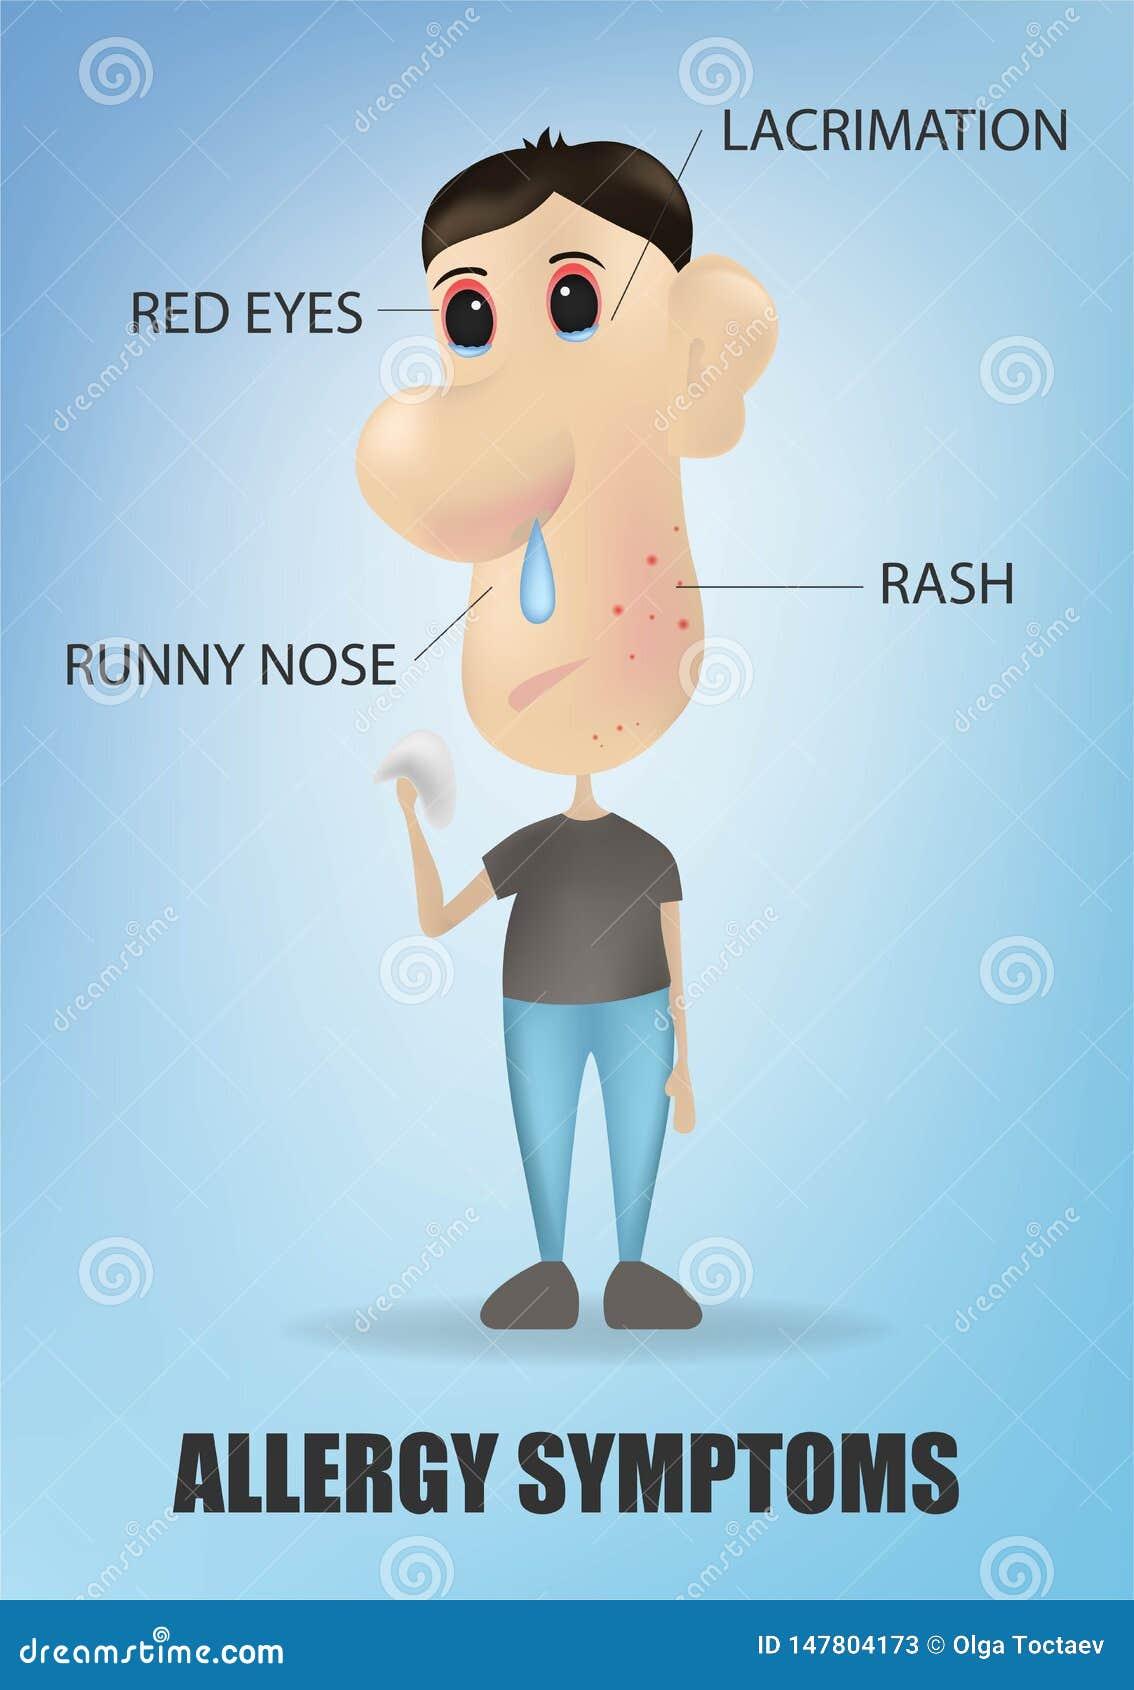 过敏与咳嗽喷嚏发痒的皮疹鼻涕和病的疼痛眼睛的症状概念 r